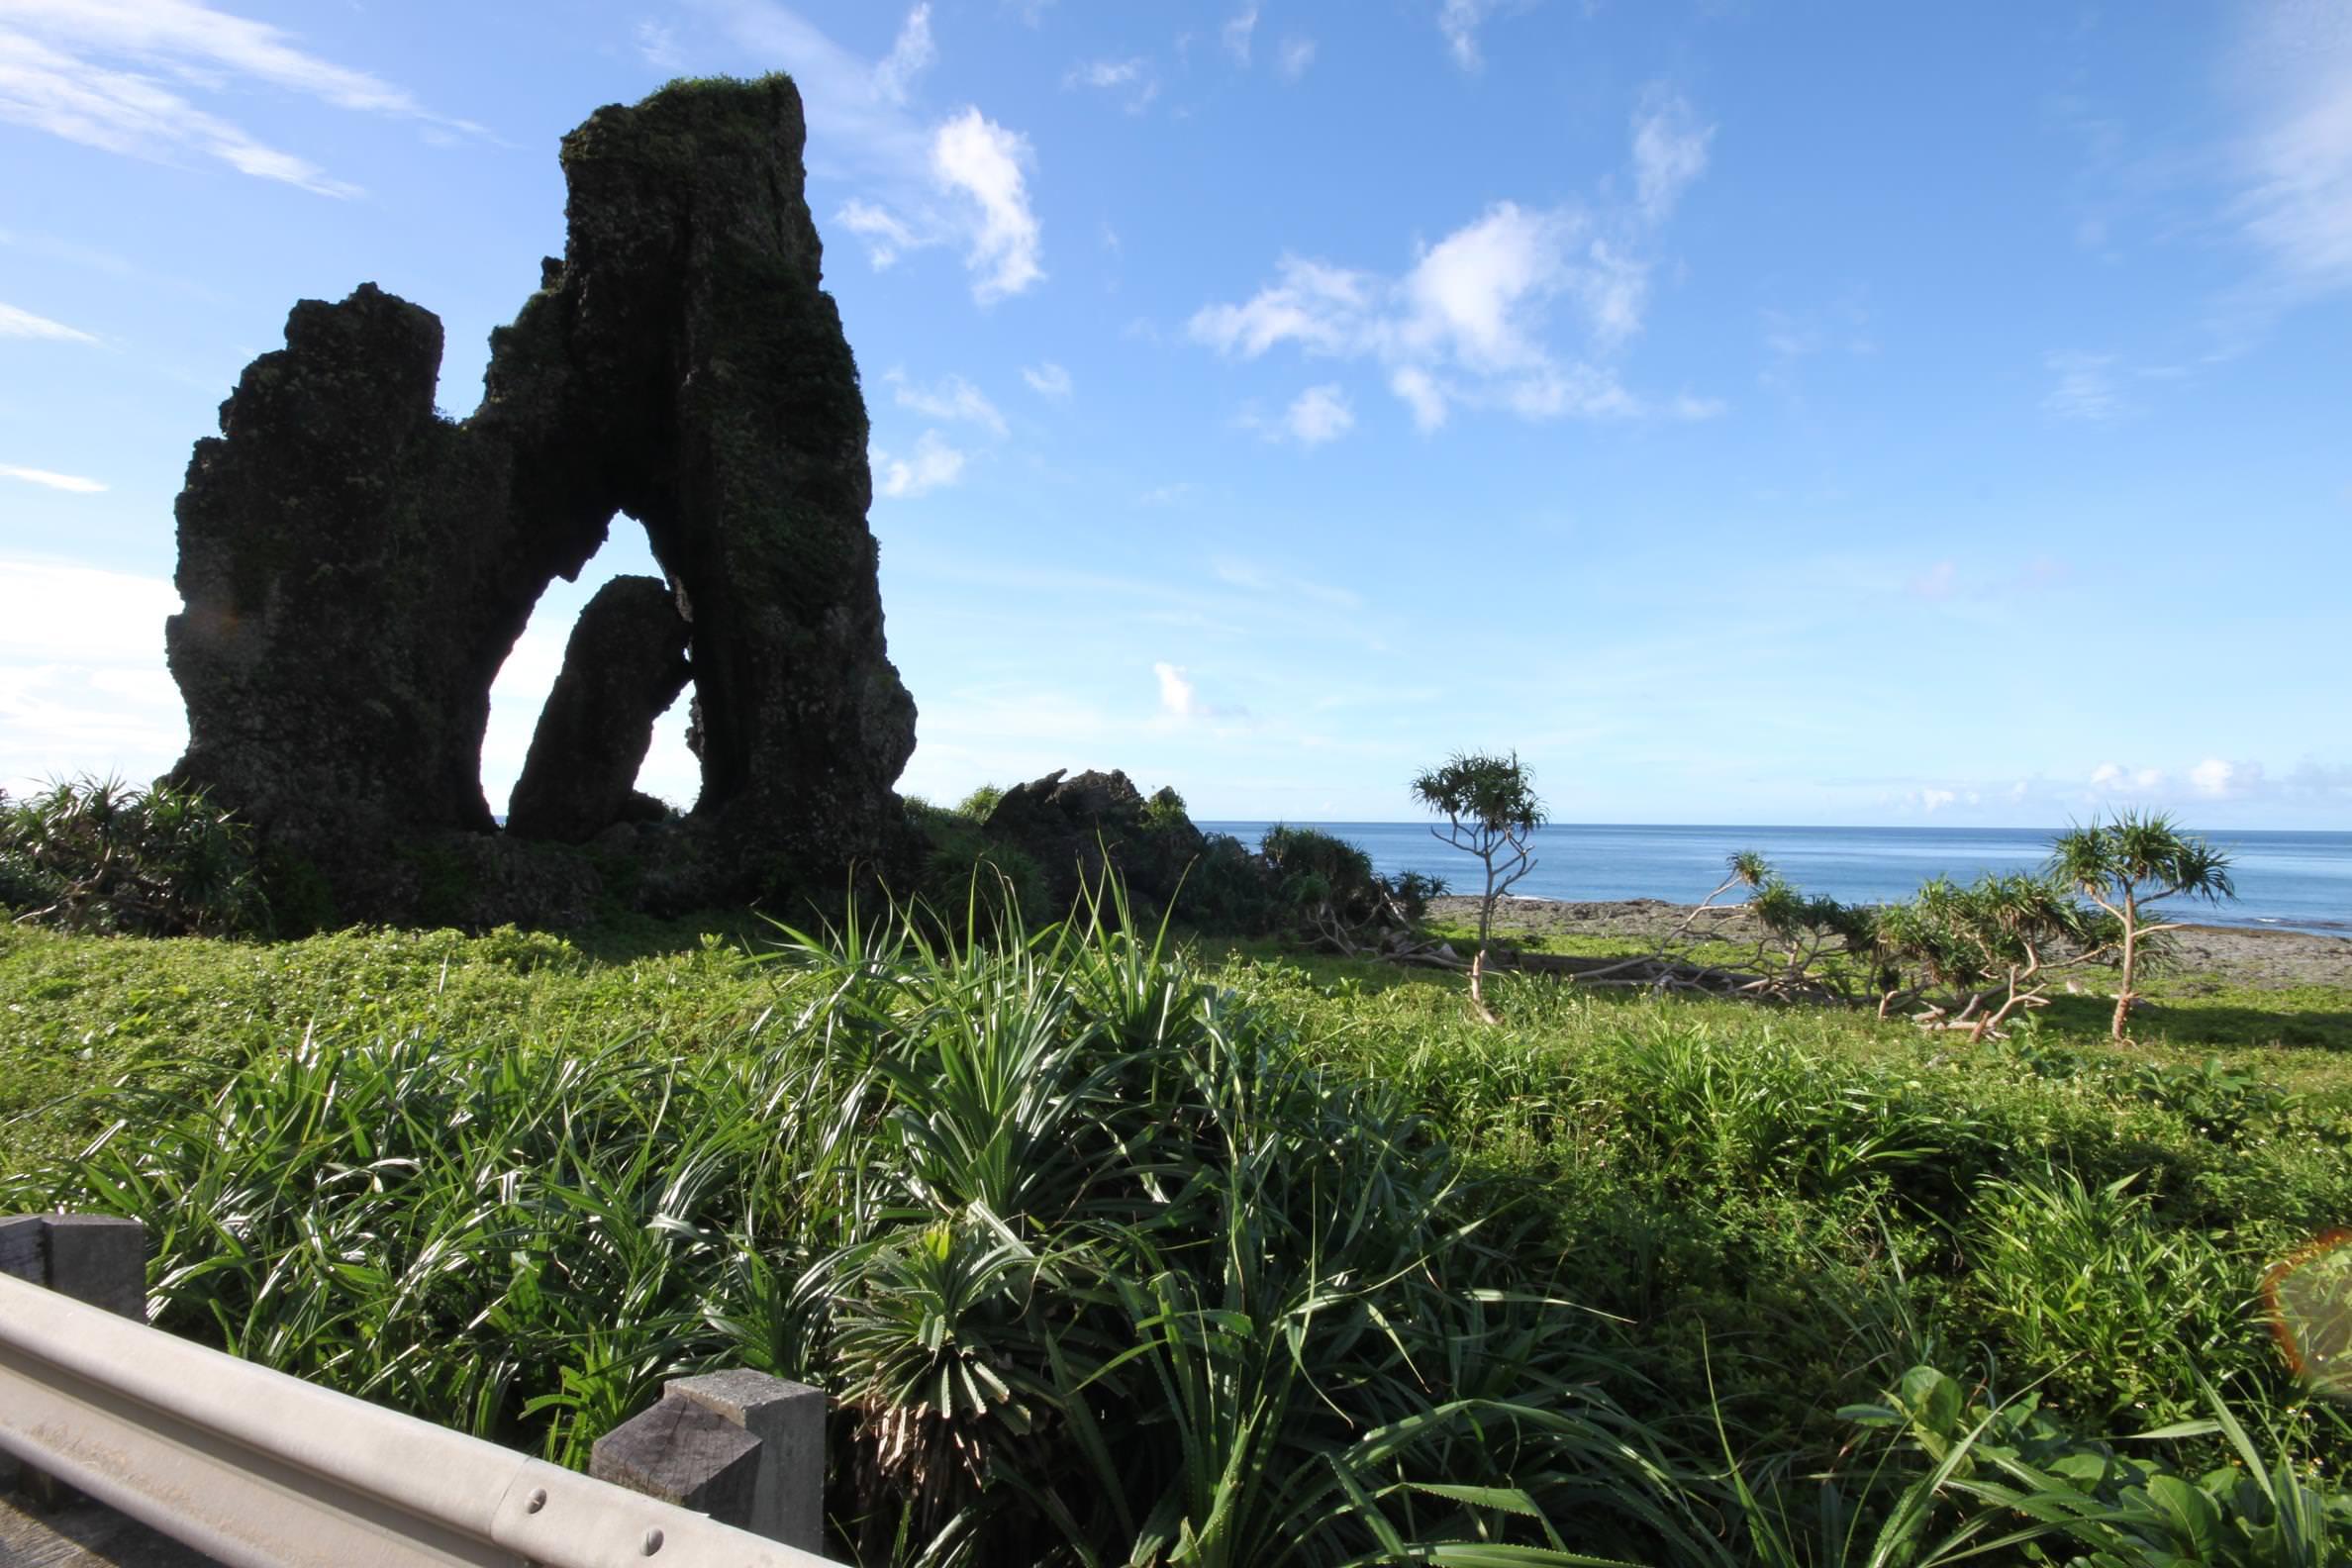 玉女岩,蘭嶼旅遊,蘭嶼潛水,蘭嶼自由行,蘭嶼景點,飛魚祭,拼板舟